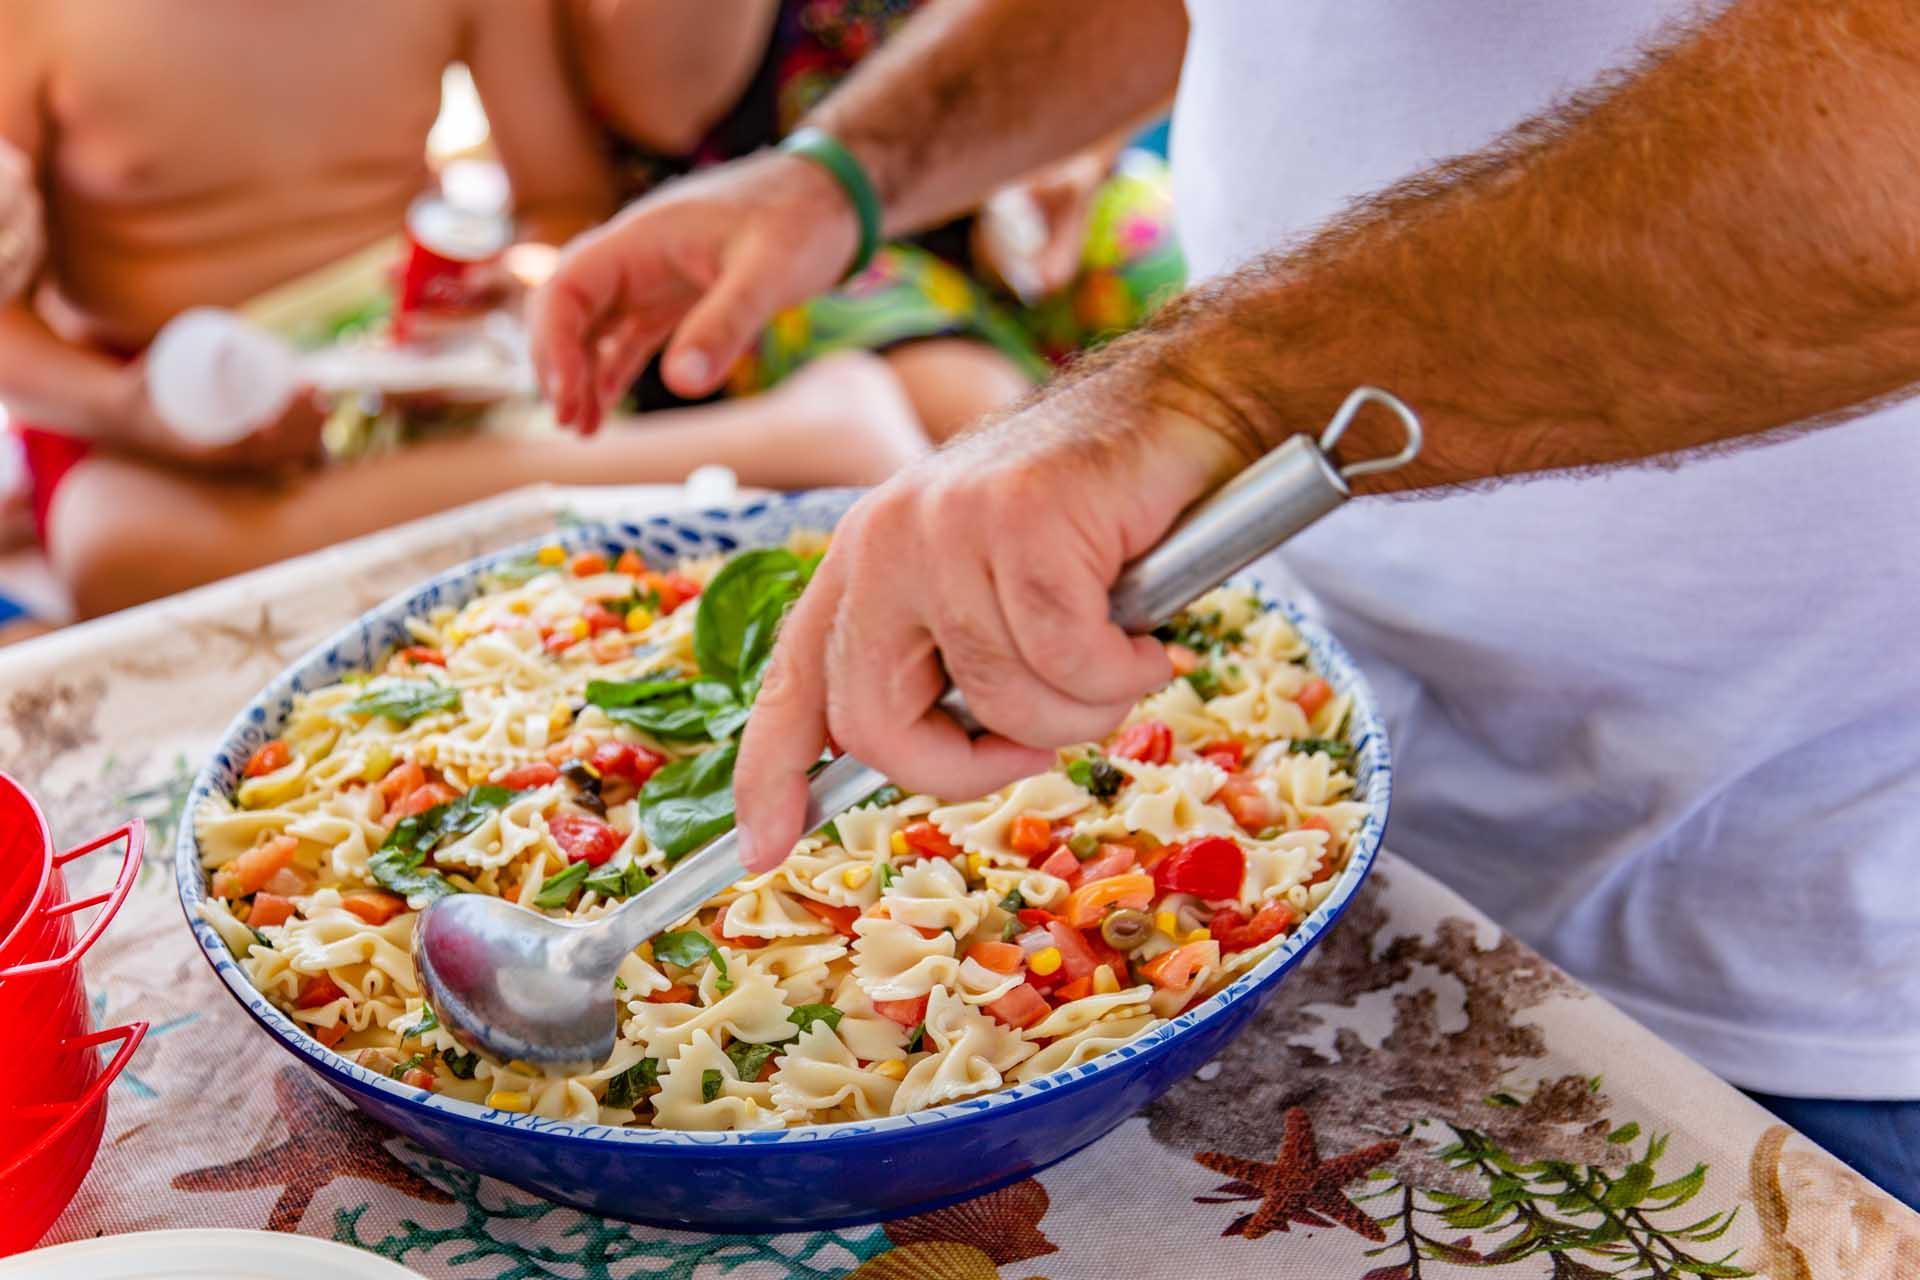 Pescaturismo a Capri con pranzo a bordo incluso - Copia